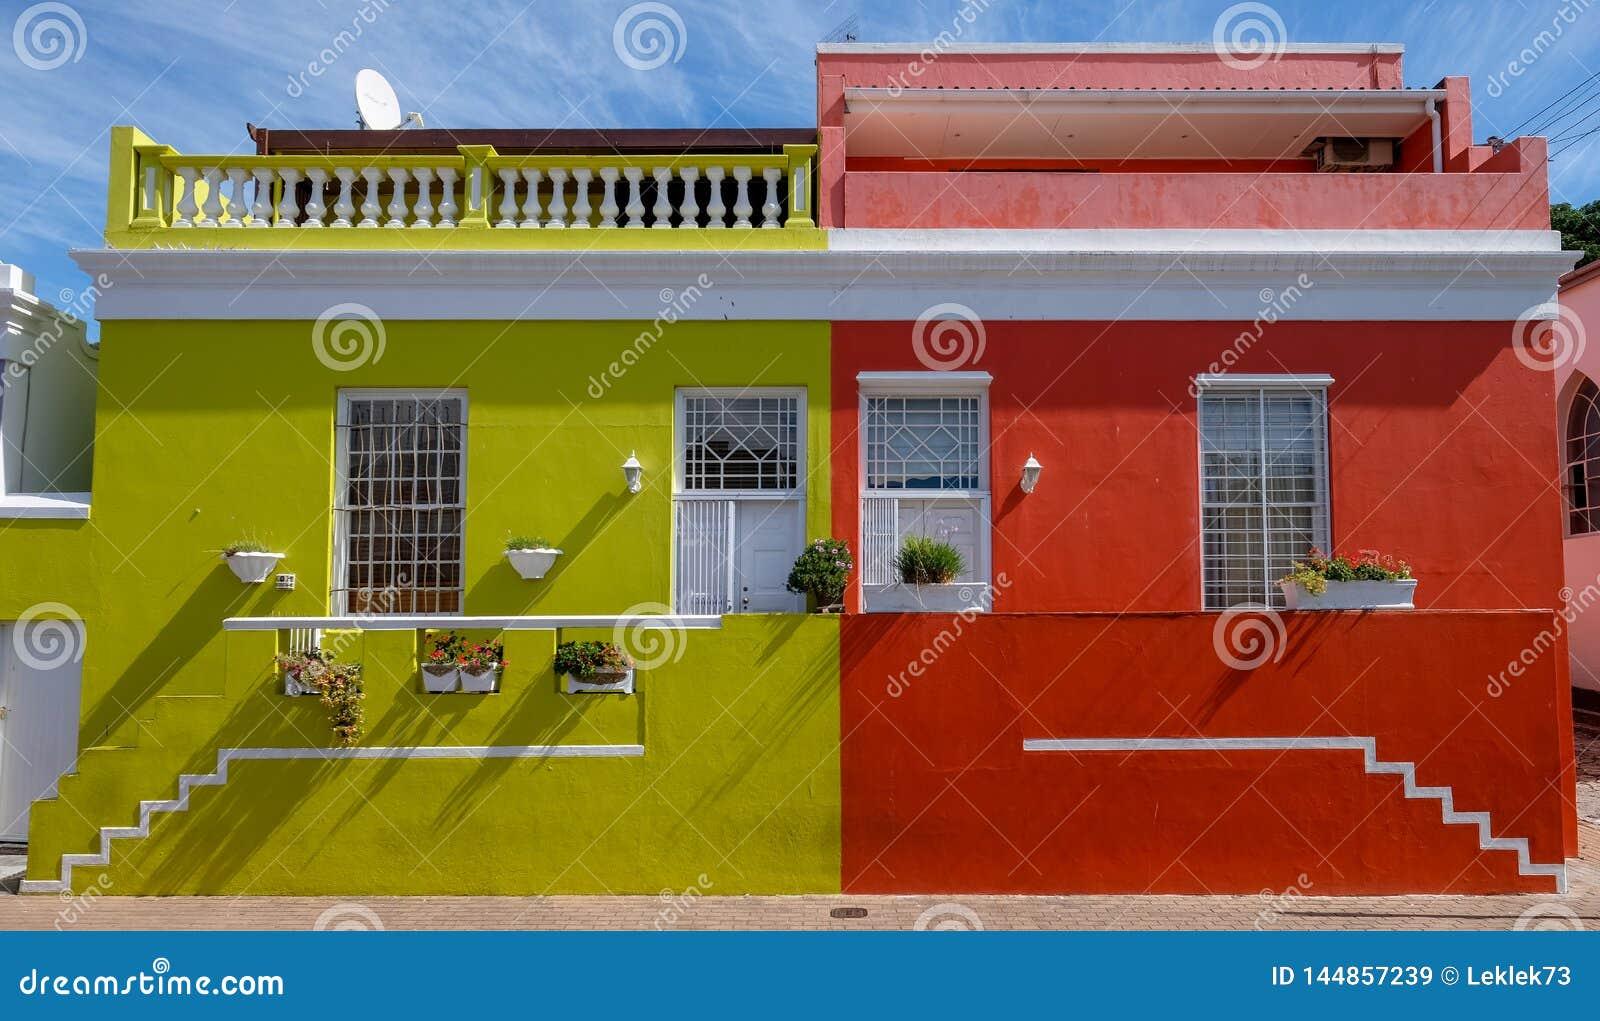 Gedetailleerde foto van huizen in het Maleisische Kwart, BO-Kaap, Cape Town, Zuid-Afrika, historisch gebied van helder geschilder